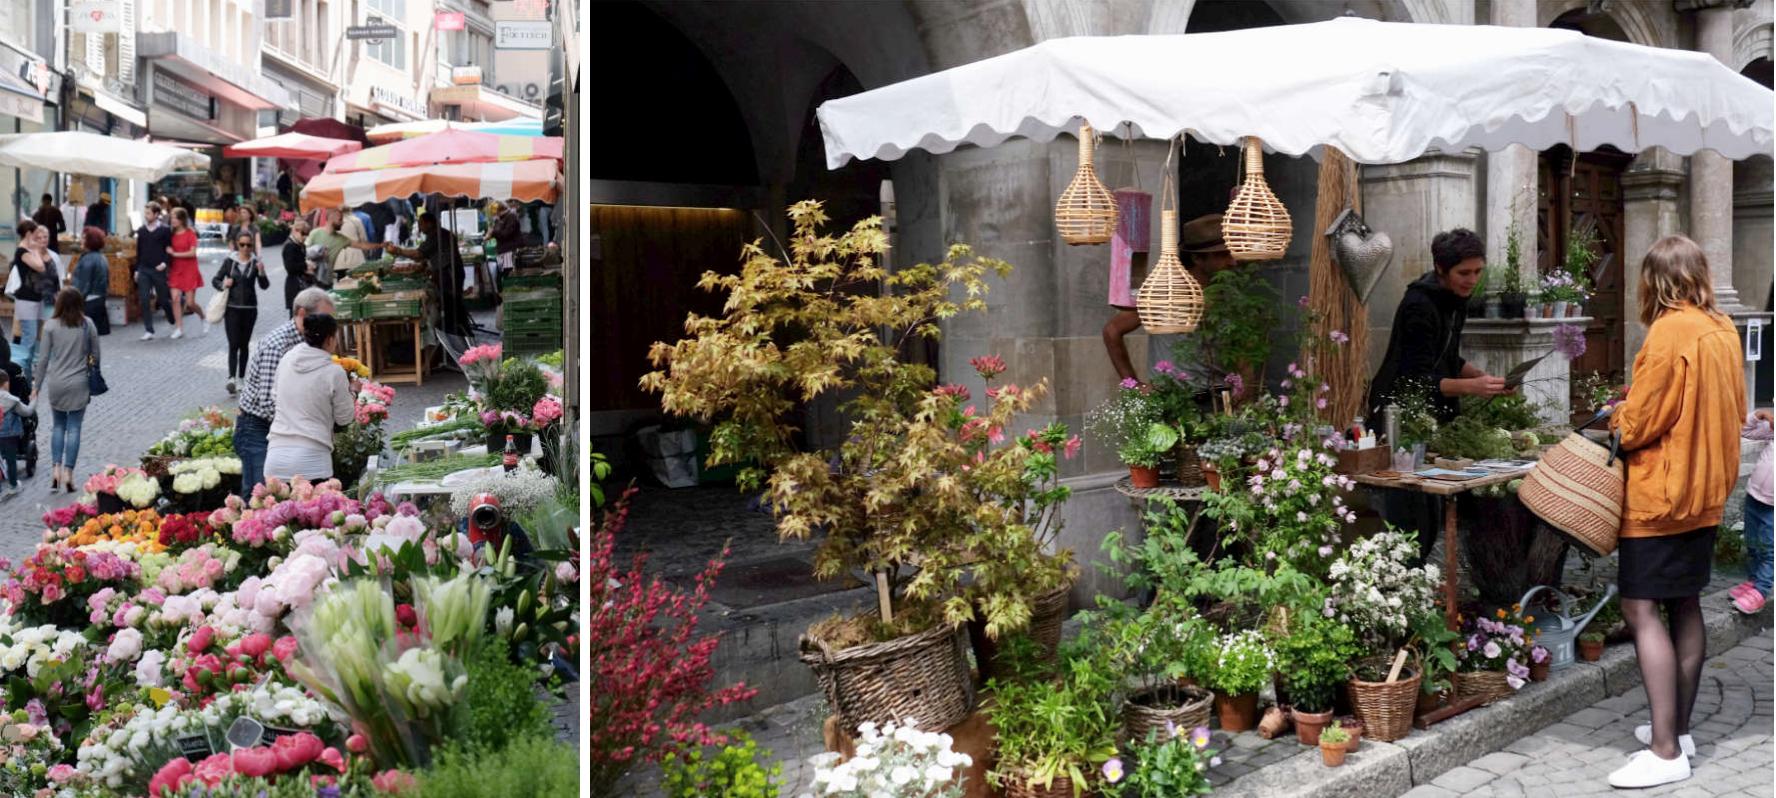 Bauernmarkt in Lausanne | © individualicious